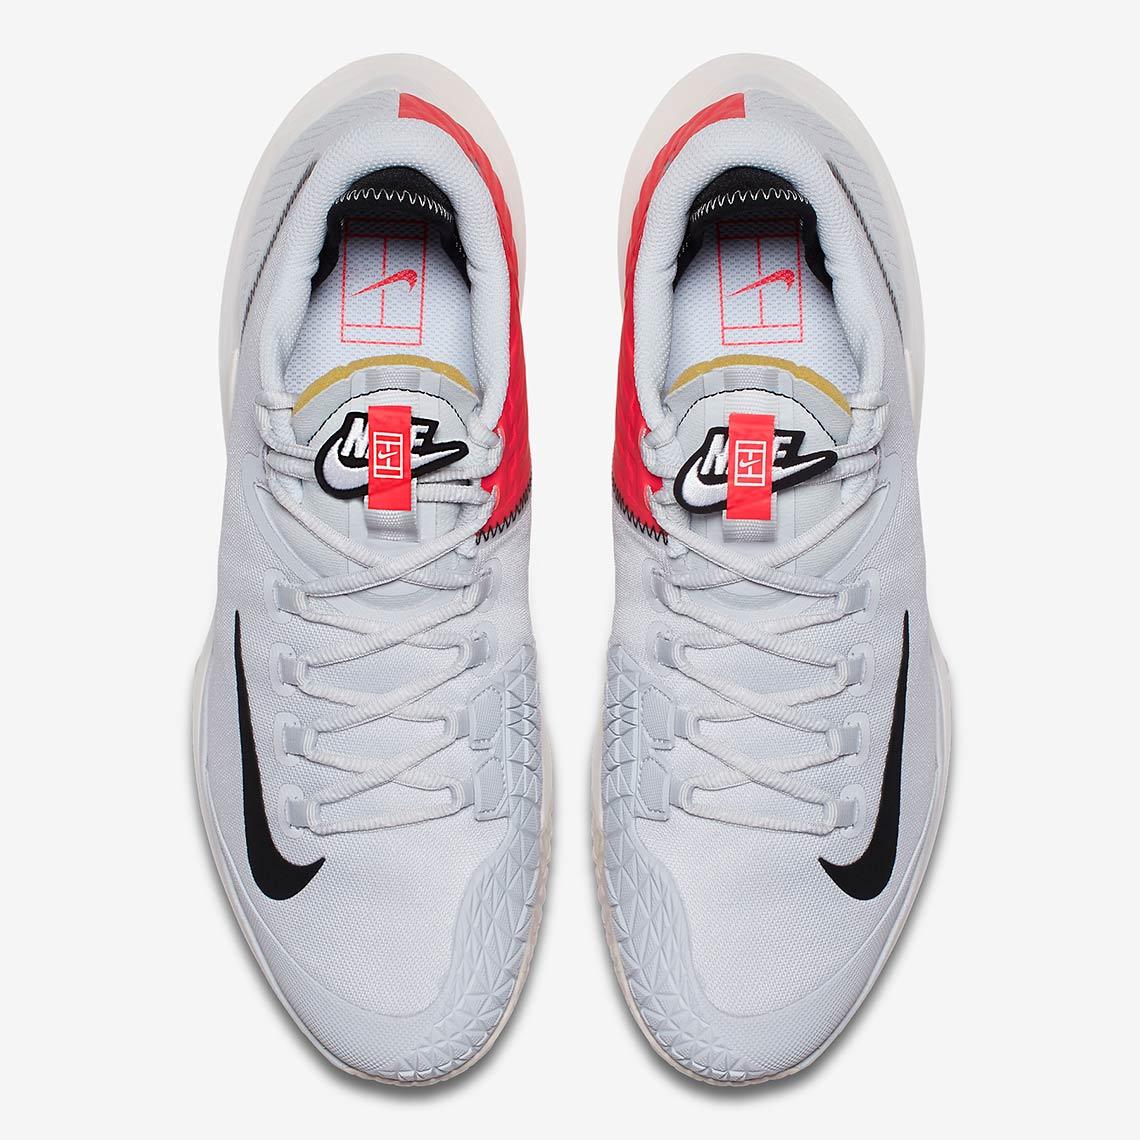 efa7d4cc3f9831 Nike Air Zoom Zero AA108-200 + AR6531-001 Available Now ...